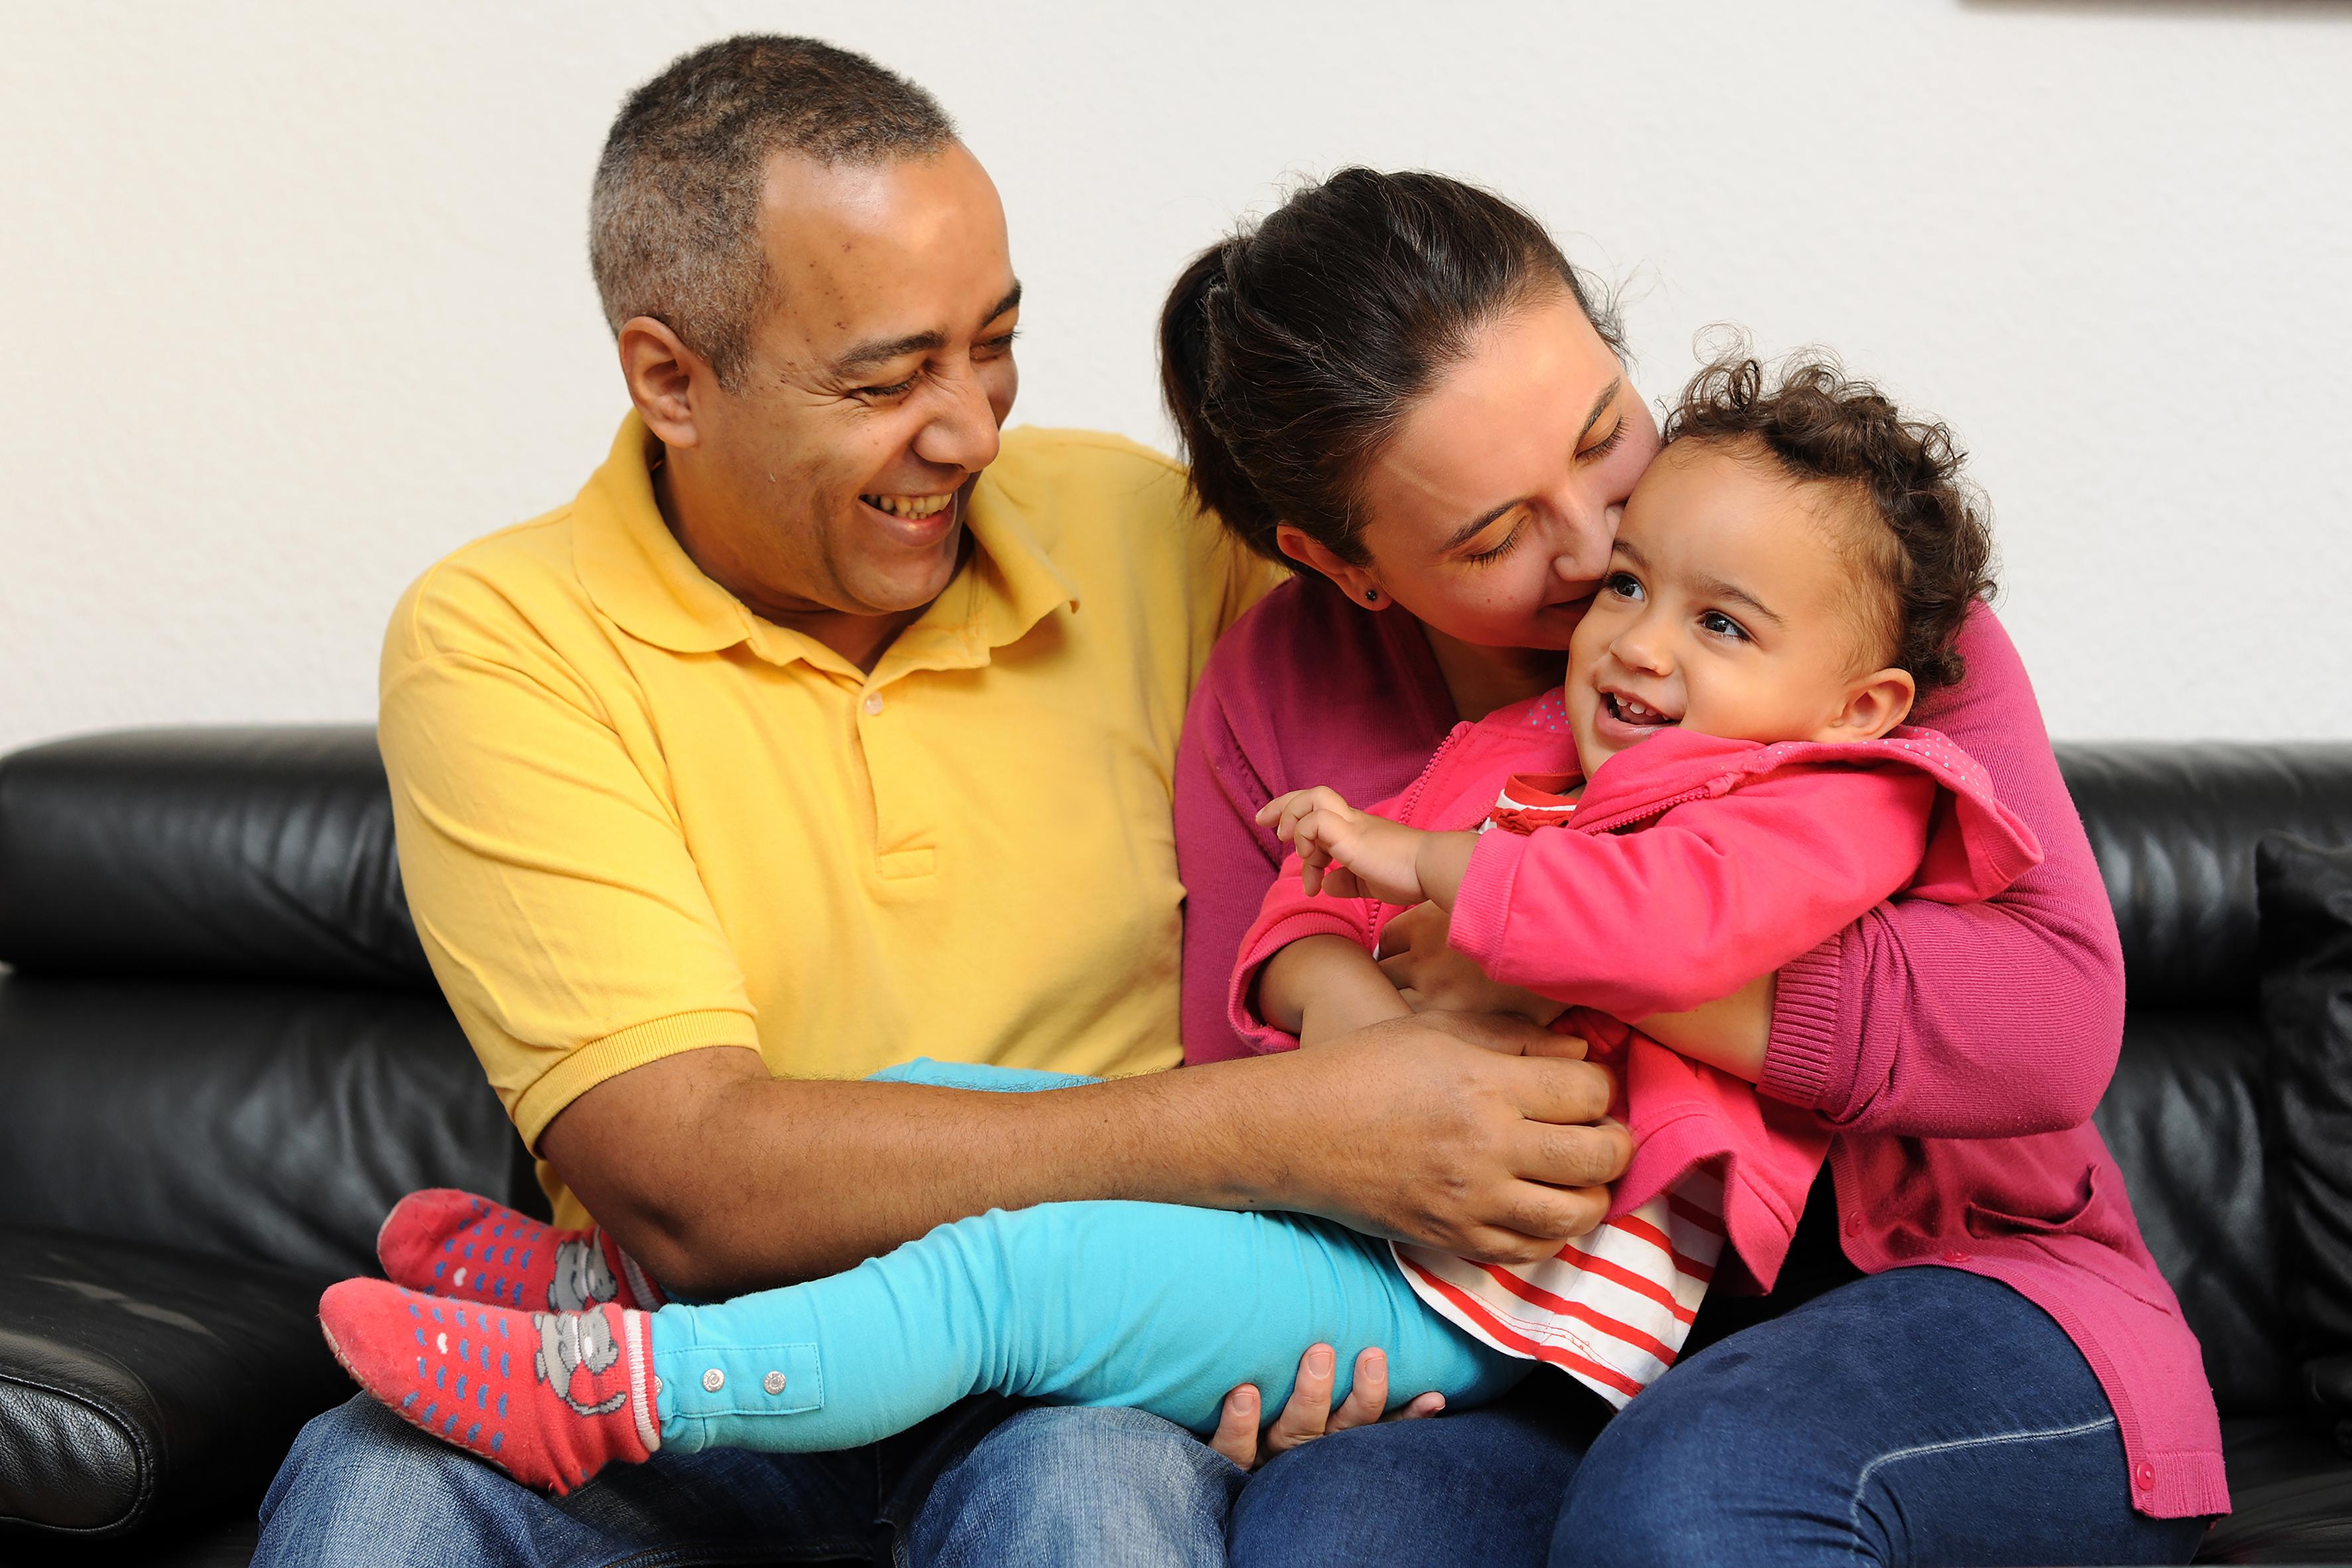 Mutter, Vater und Kind in liebevoller Umarmung auf eine Couc